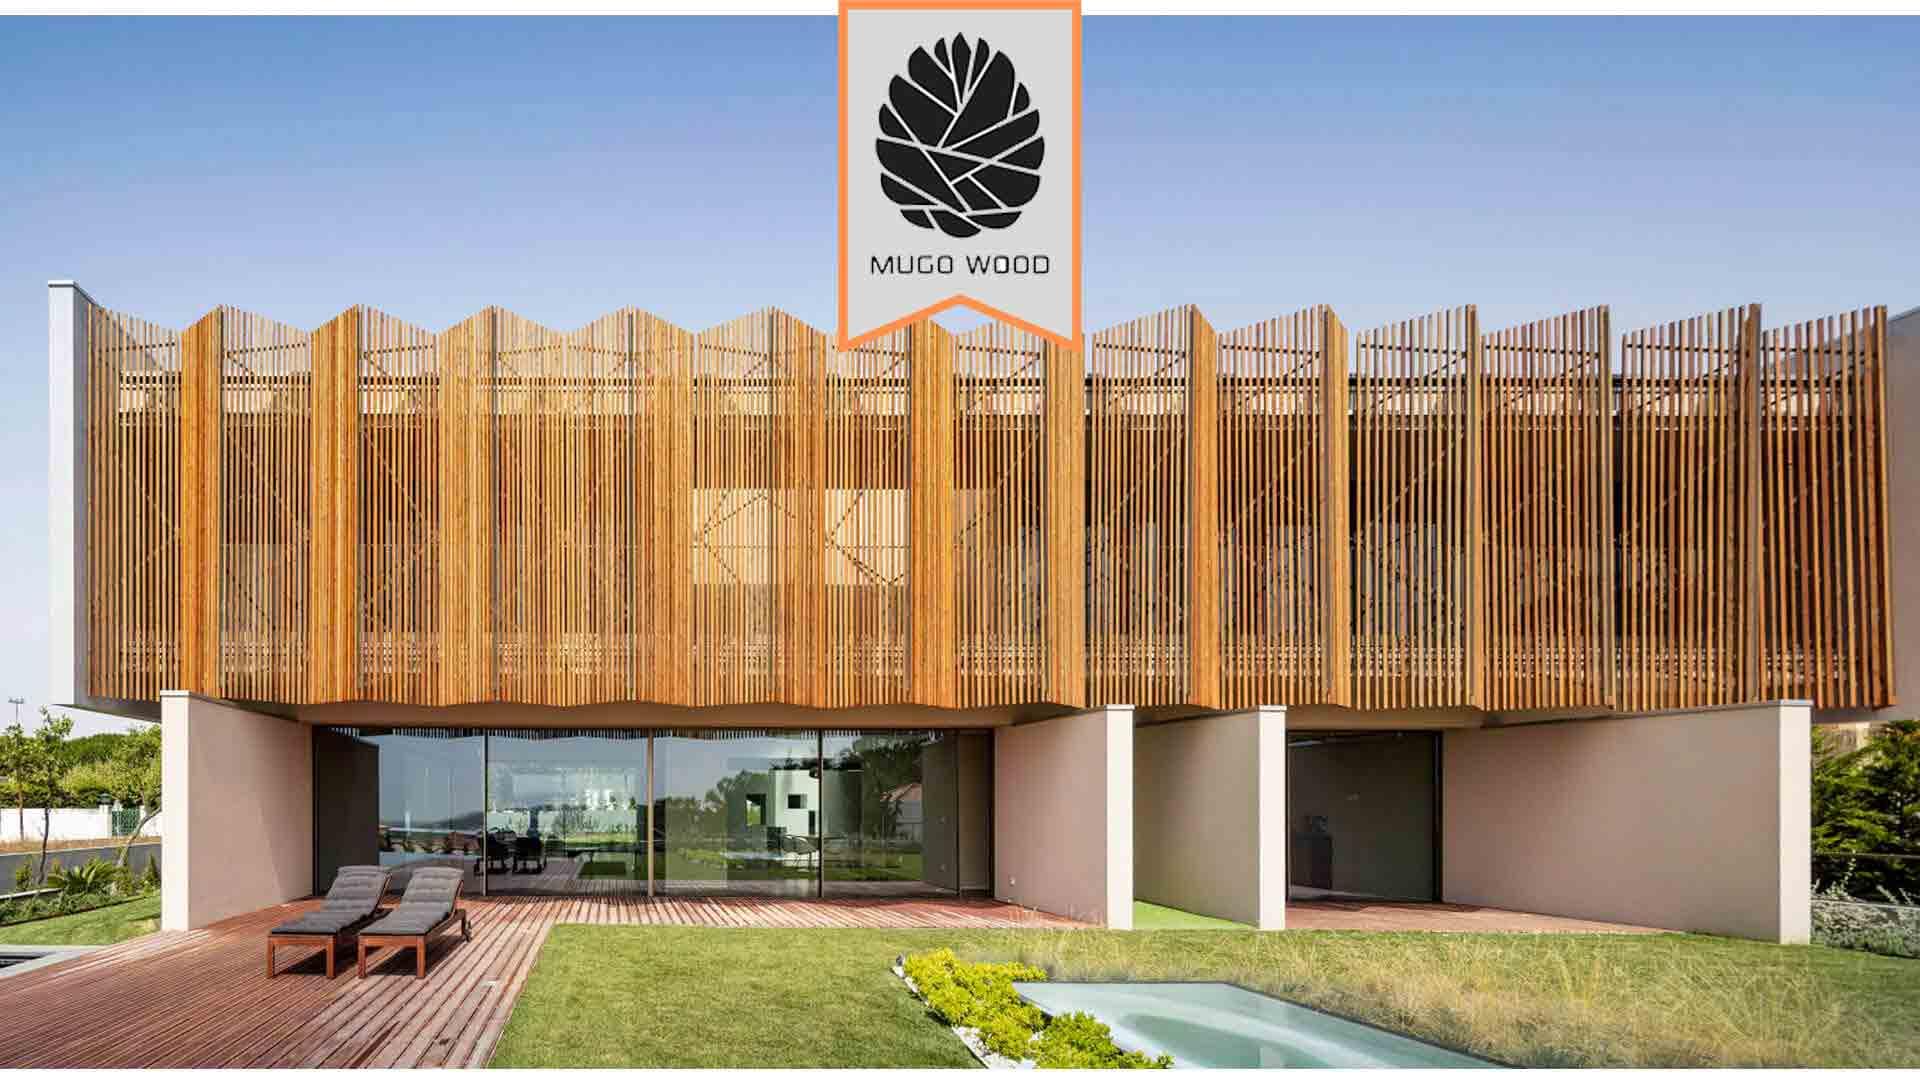 رنگ فضای باز - رنگ چوب برای فضای باز - رنگ مناسب چوب - رنگ فضای باز چوب - ترموود - ترمووود - چوب ترمو - چوب ترموود - ترموود ایرانی - رنگ ترموود